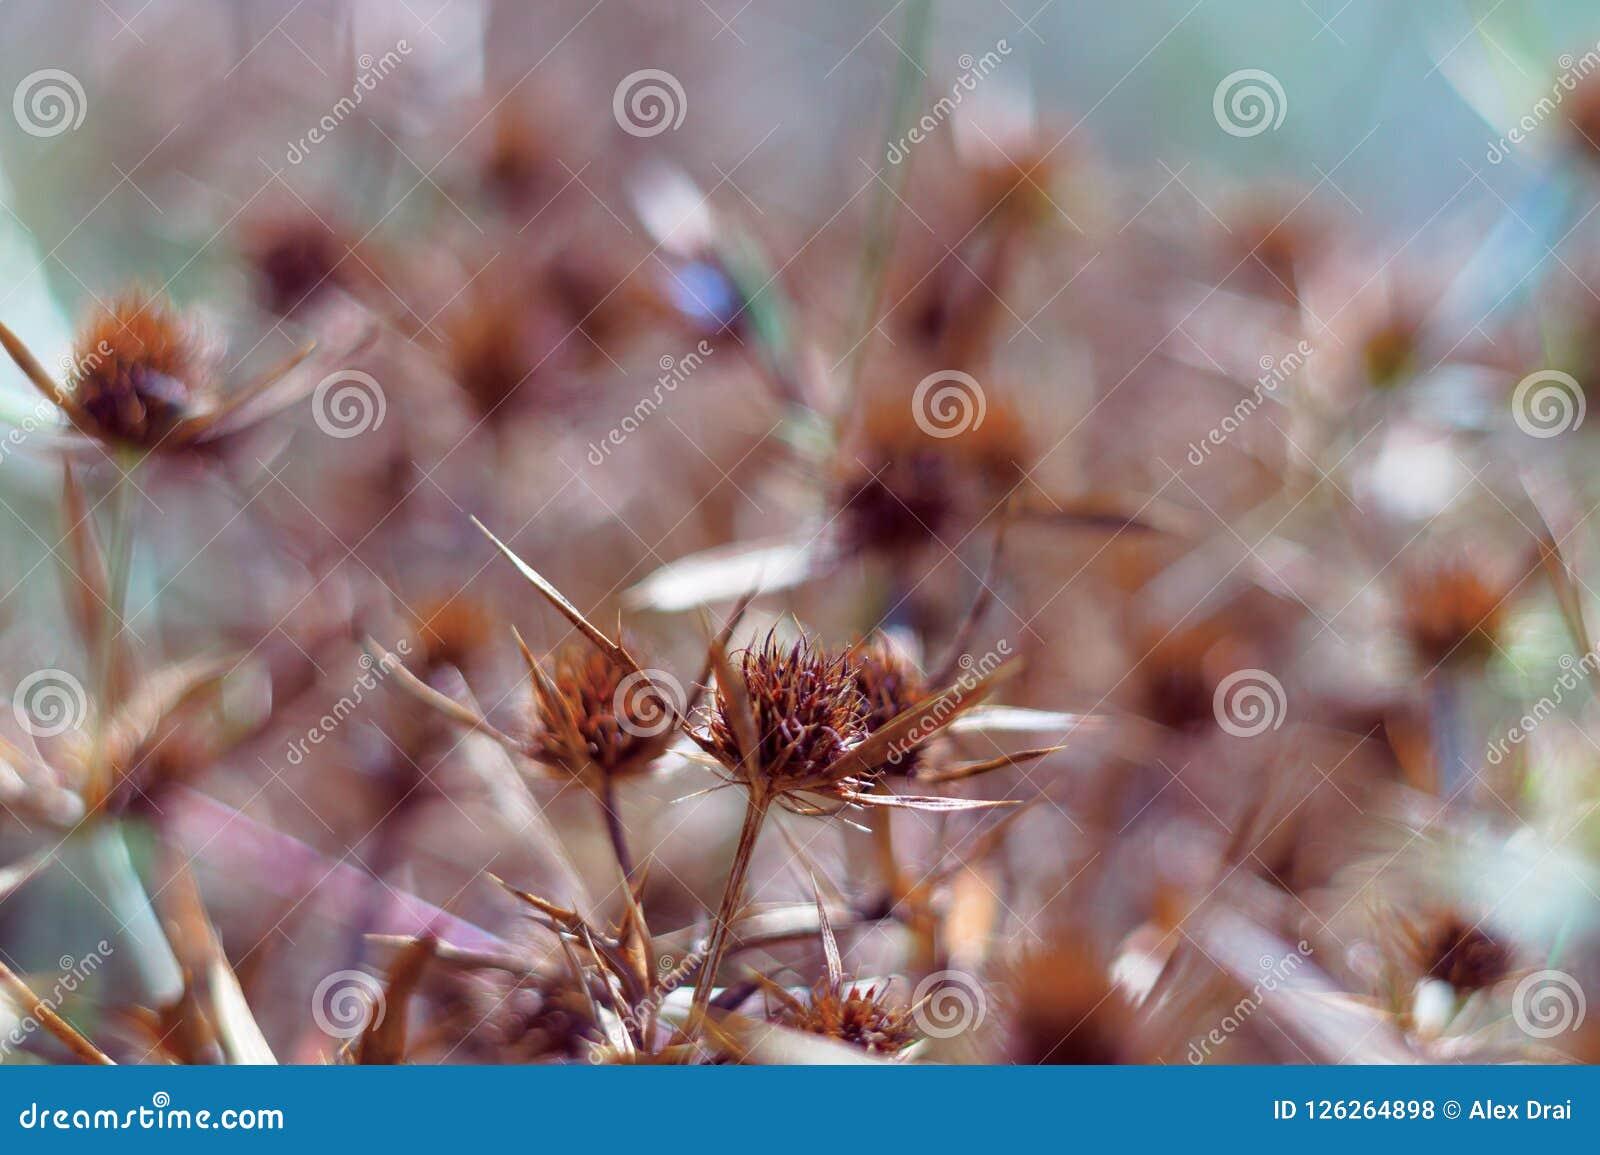 Ξηρά άνθη ενός μπλε-κεφαλιού στον τομέα Το έντονο πορτοκαλί χρώμα της επάνθισης δείχνει την ωριμότητα των σπόρων κλείστε